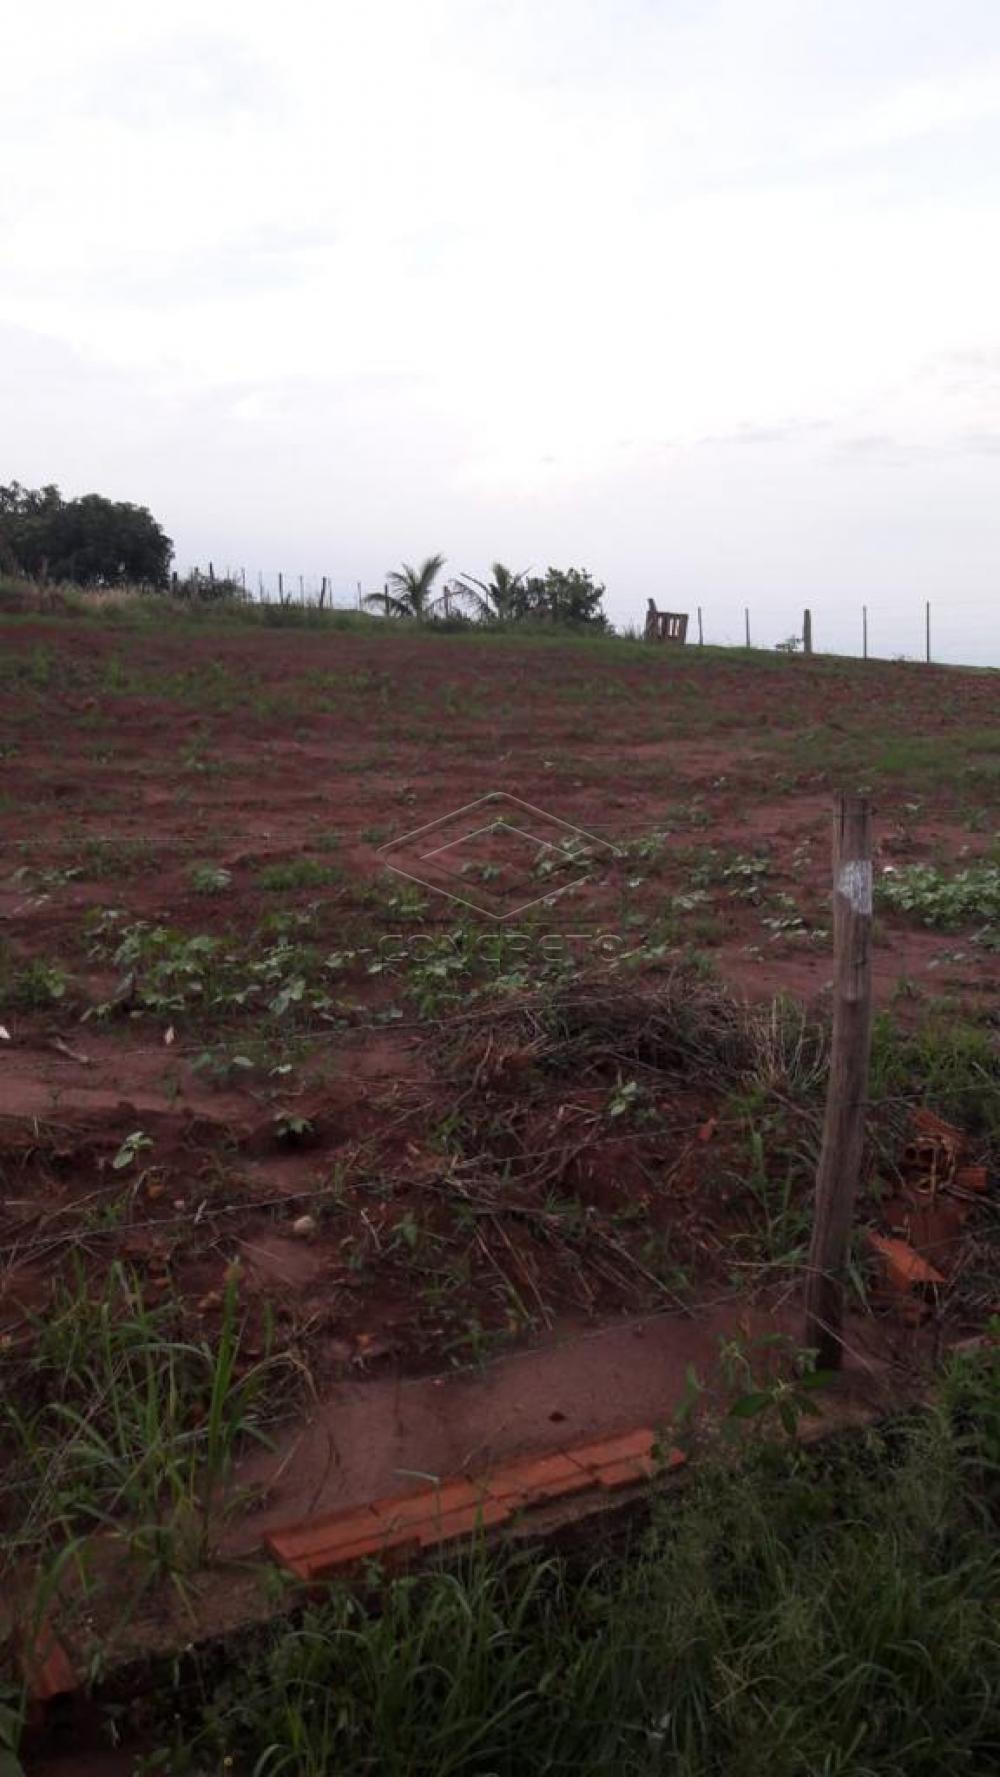 Comprar Rural / Chácara / Fazenda em Macatuba R$ 120.000,00 - Foto 7